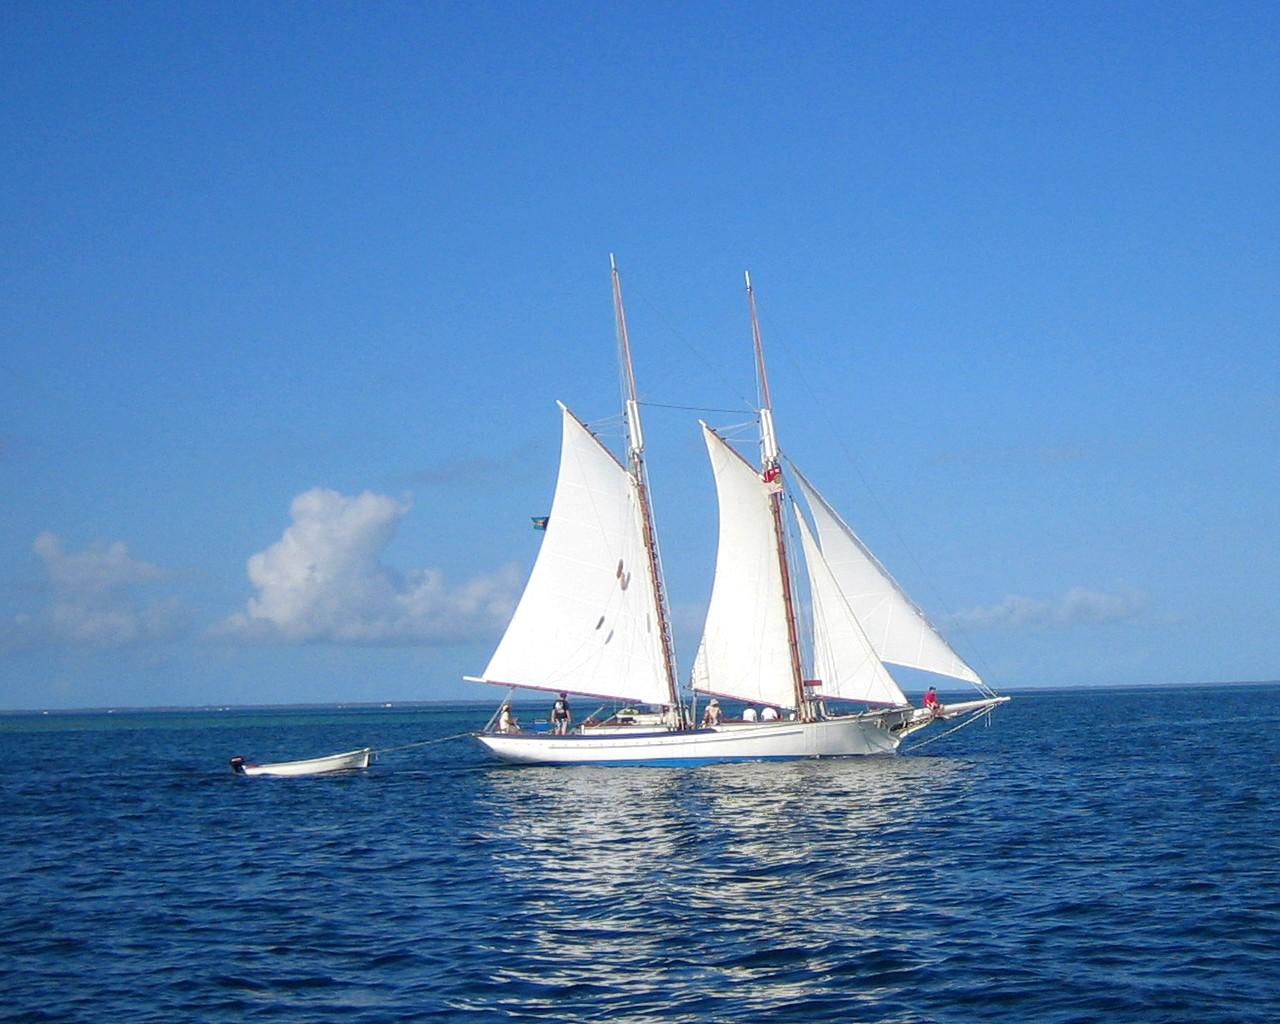 крепление мачты яхты